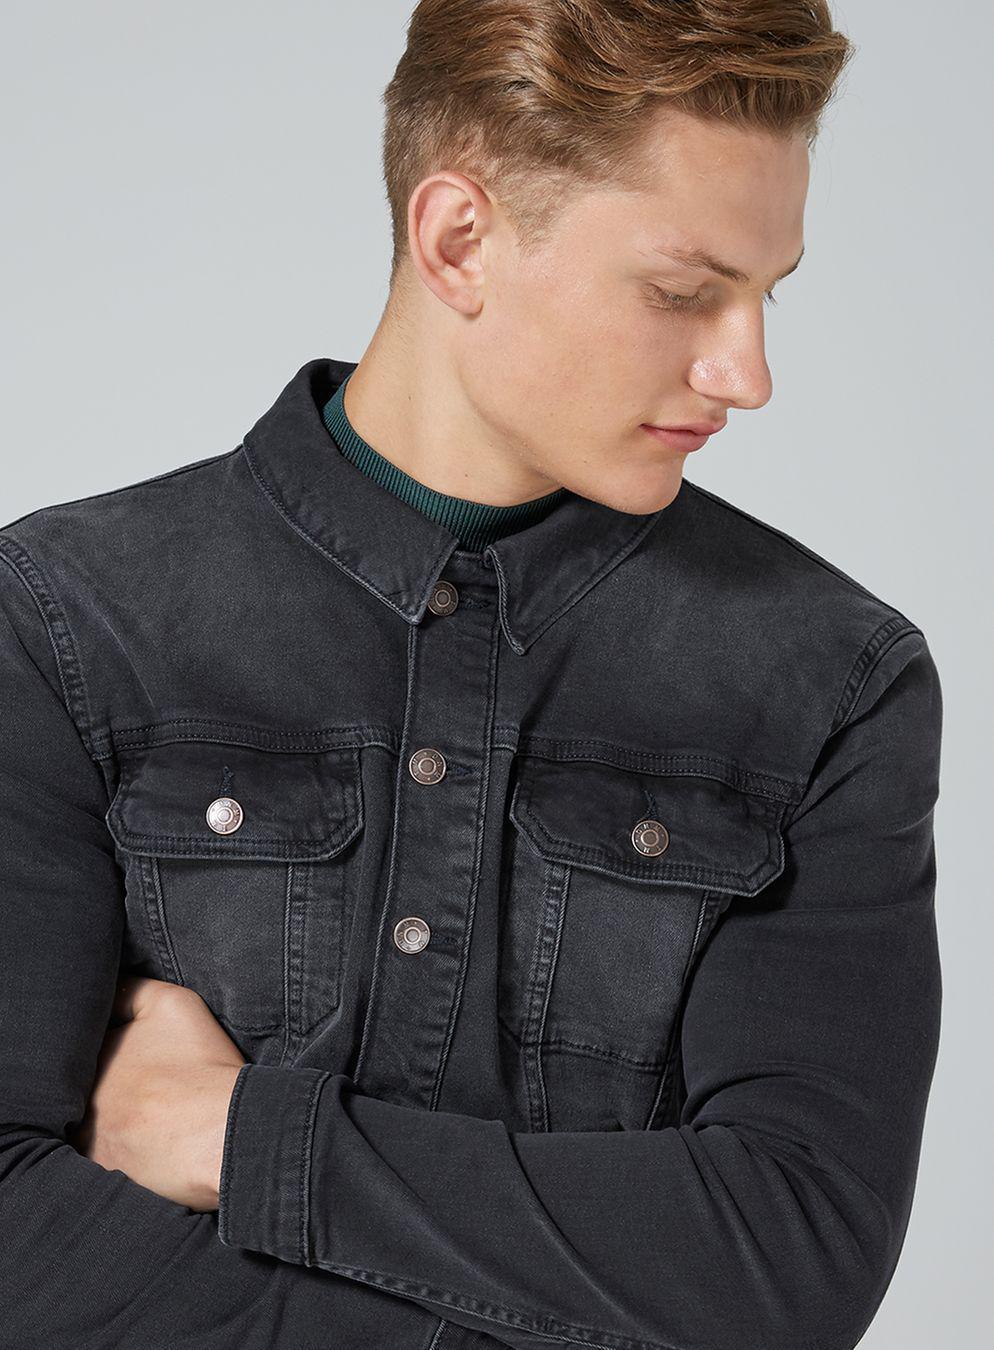 0b536659812 TOPMAN Black Muscle Fit Denim Jacket in Black for Men - Lyst